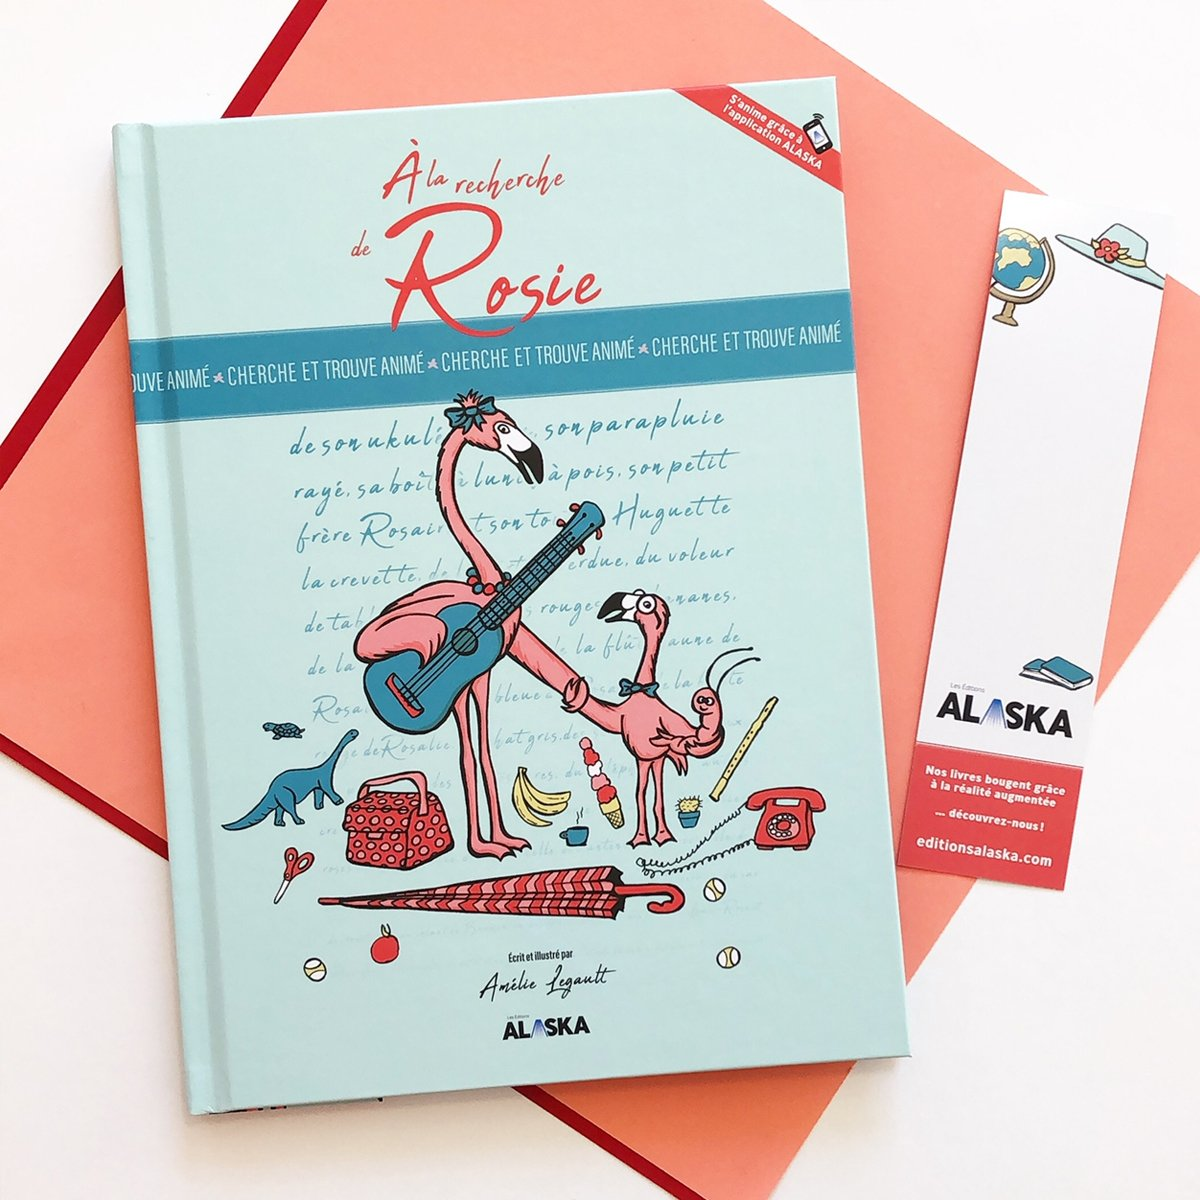 Cliquez ici pour acheter Livre cherche et trouve québécois – Rosie le flamant